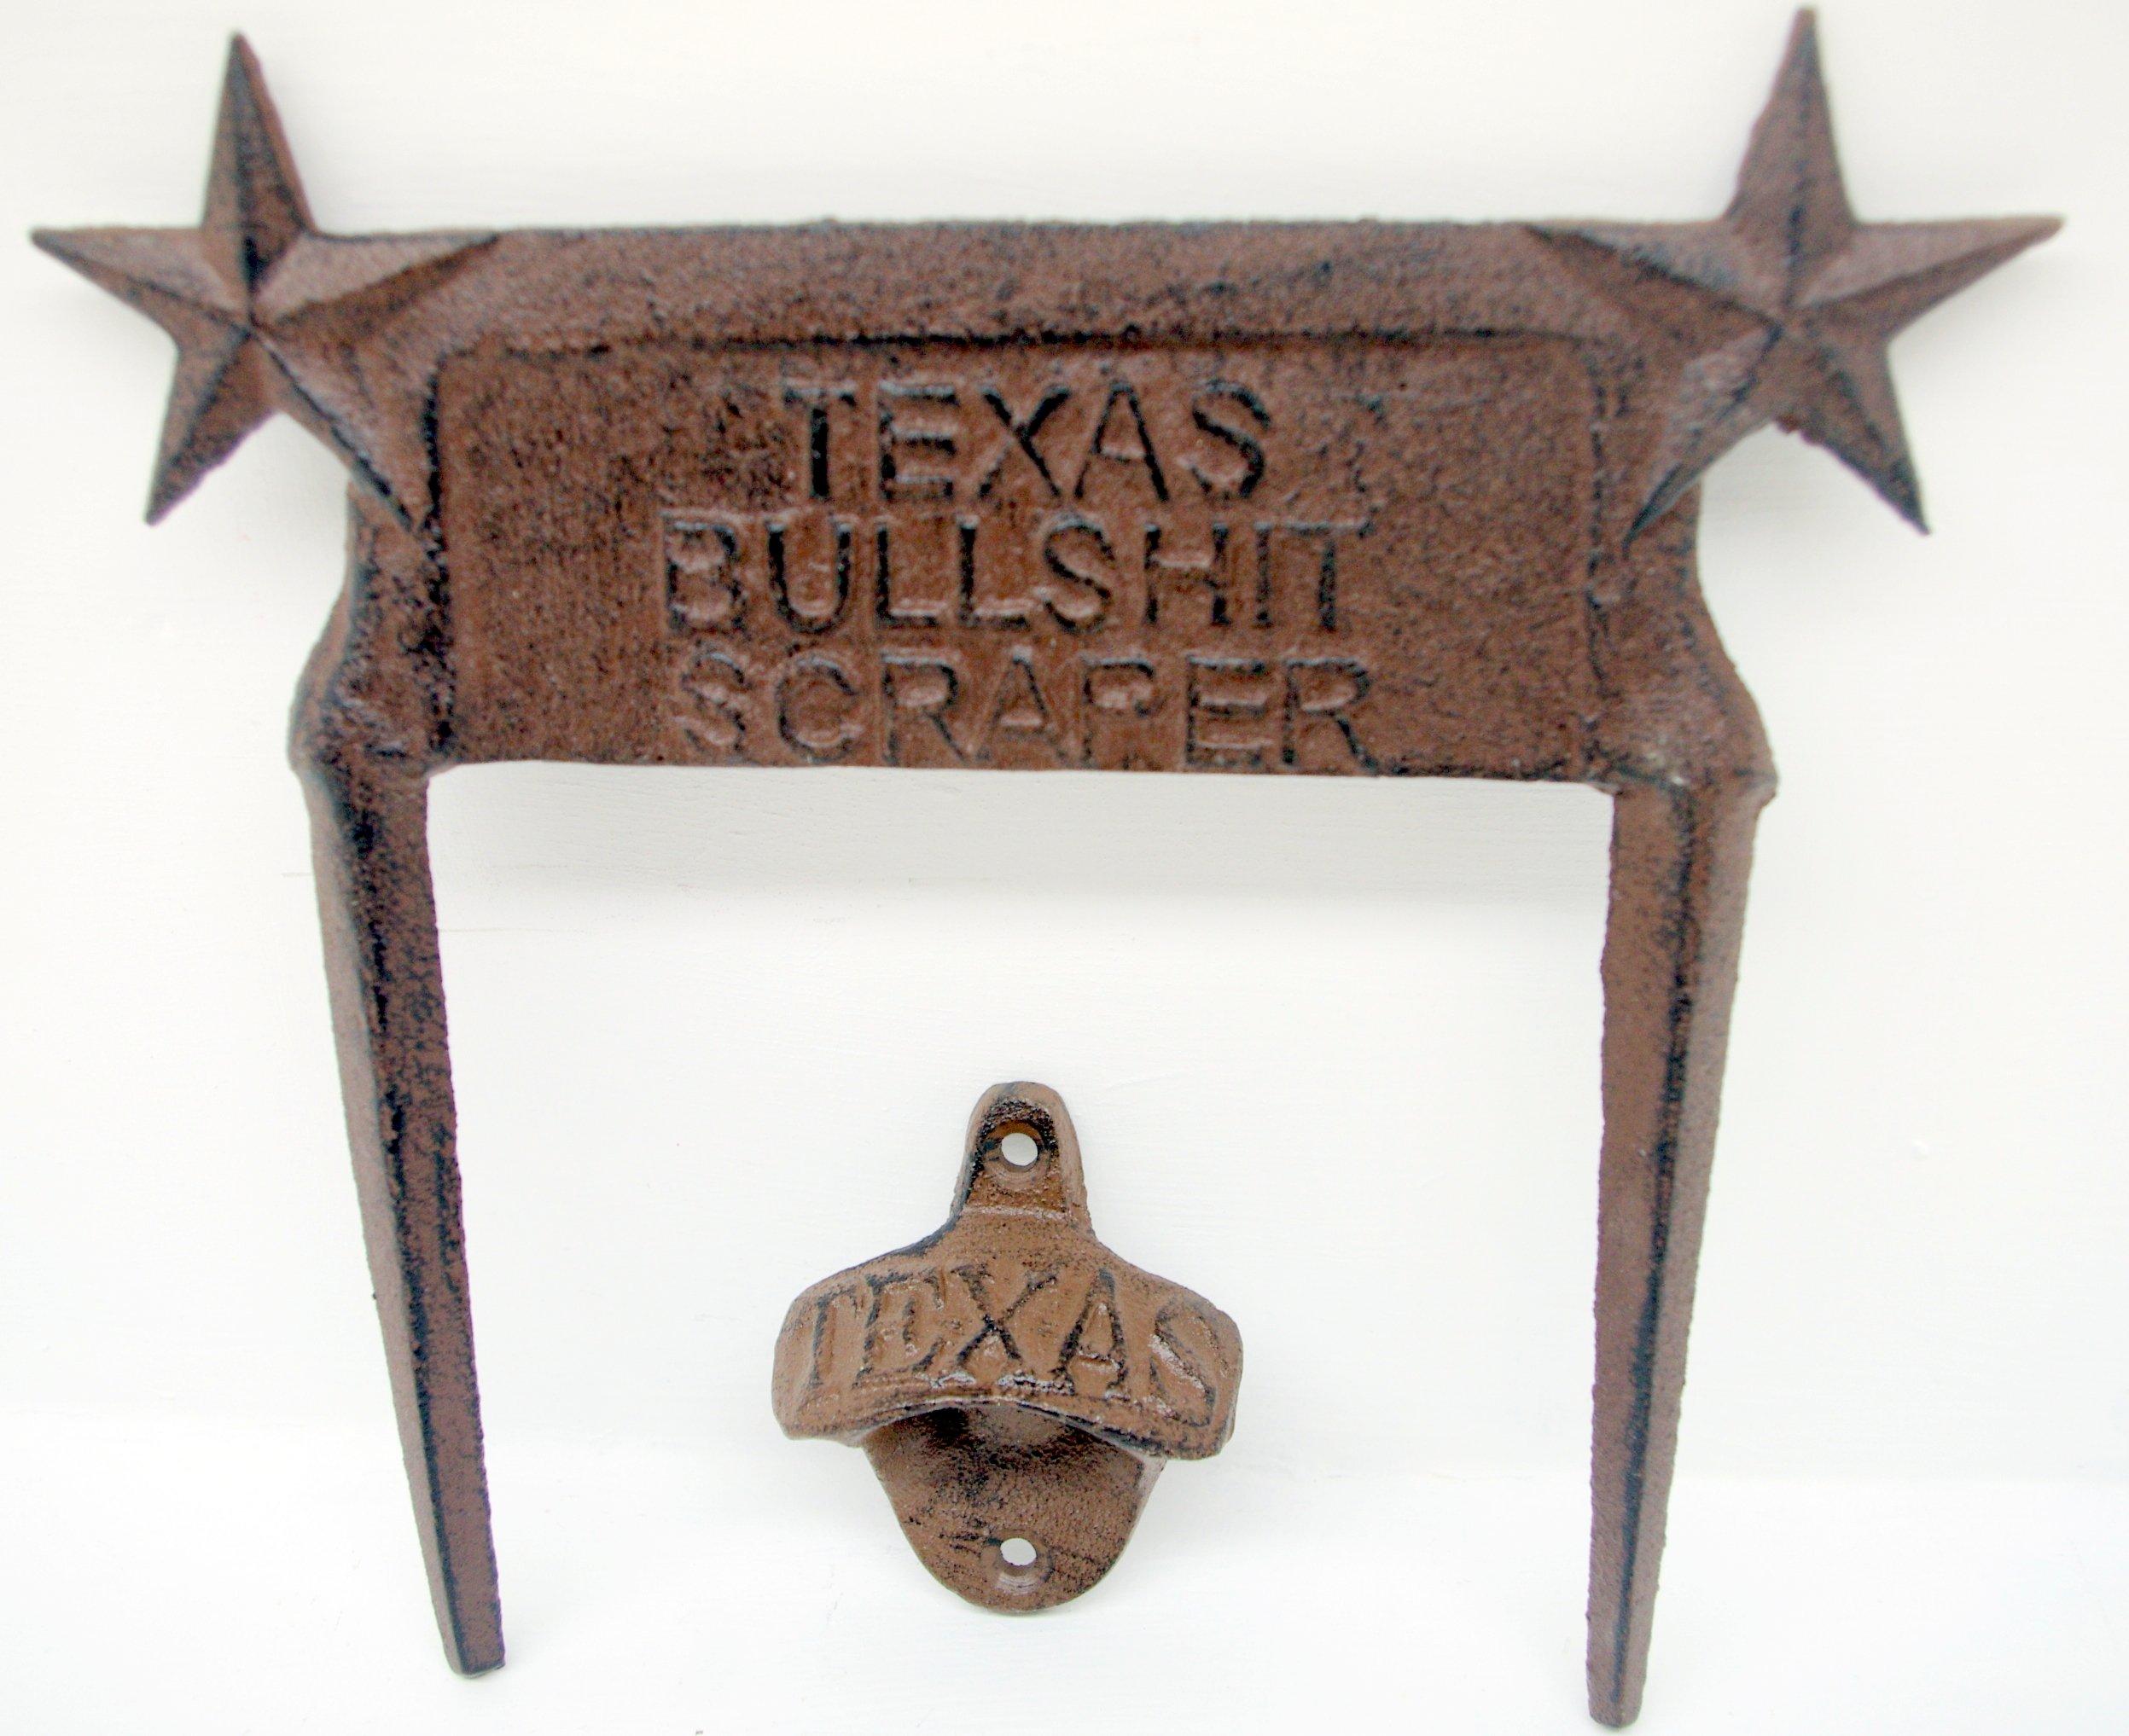 Cast Iron Texas Bullshit Scraper & Texas Bottle Opener BUNDLED!